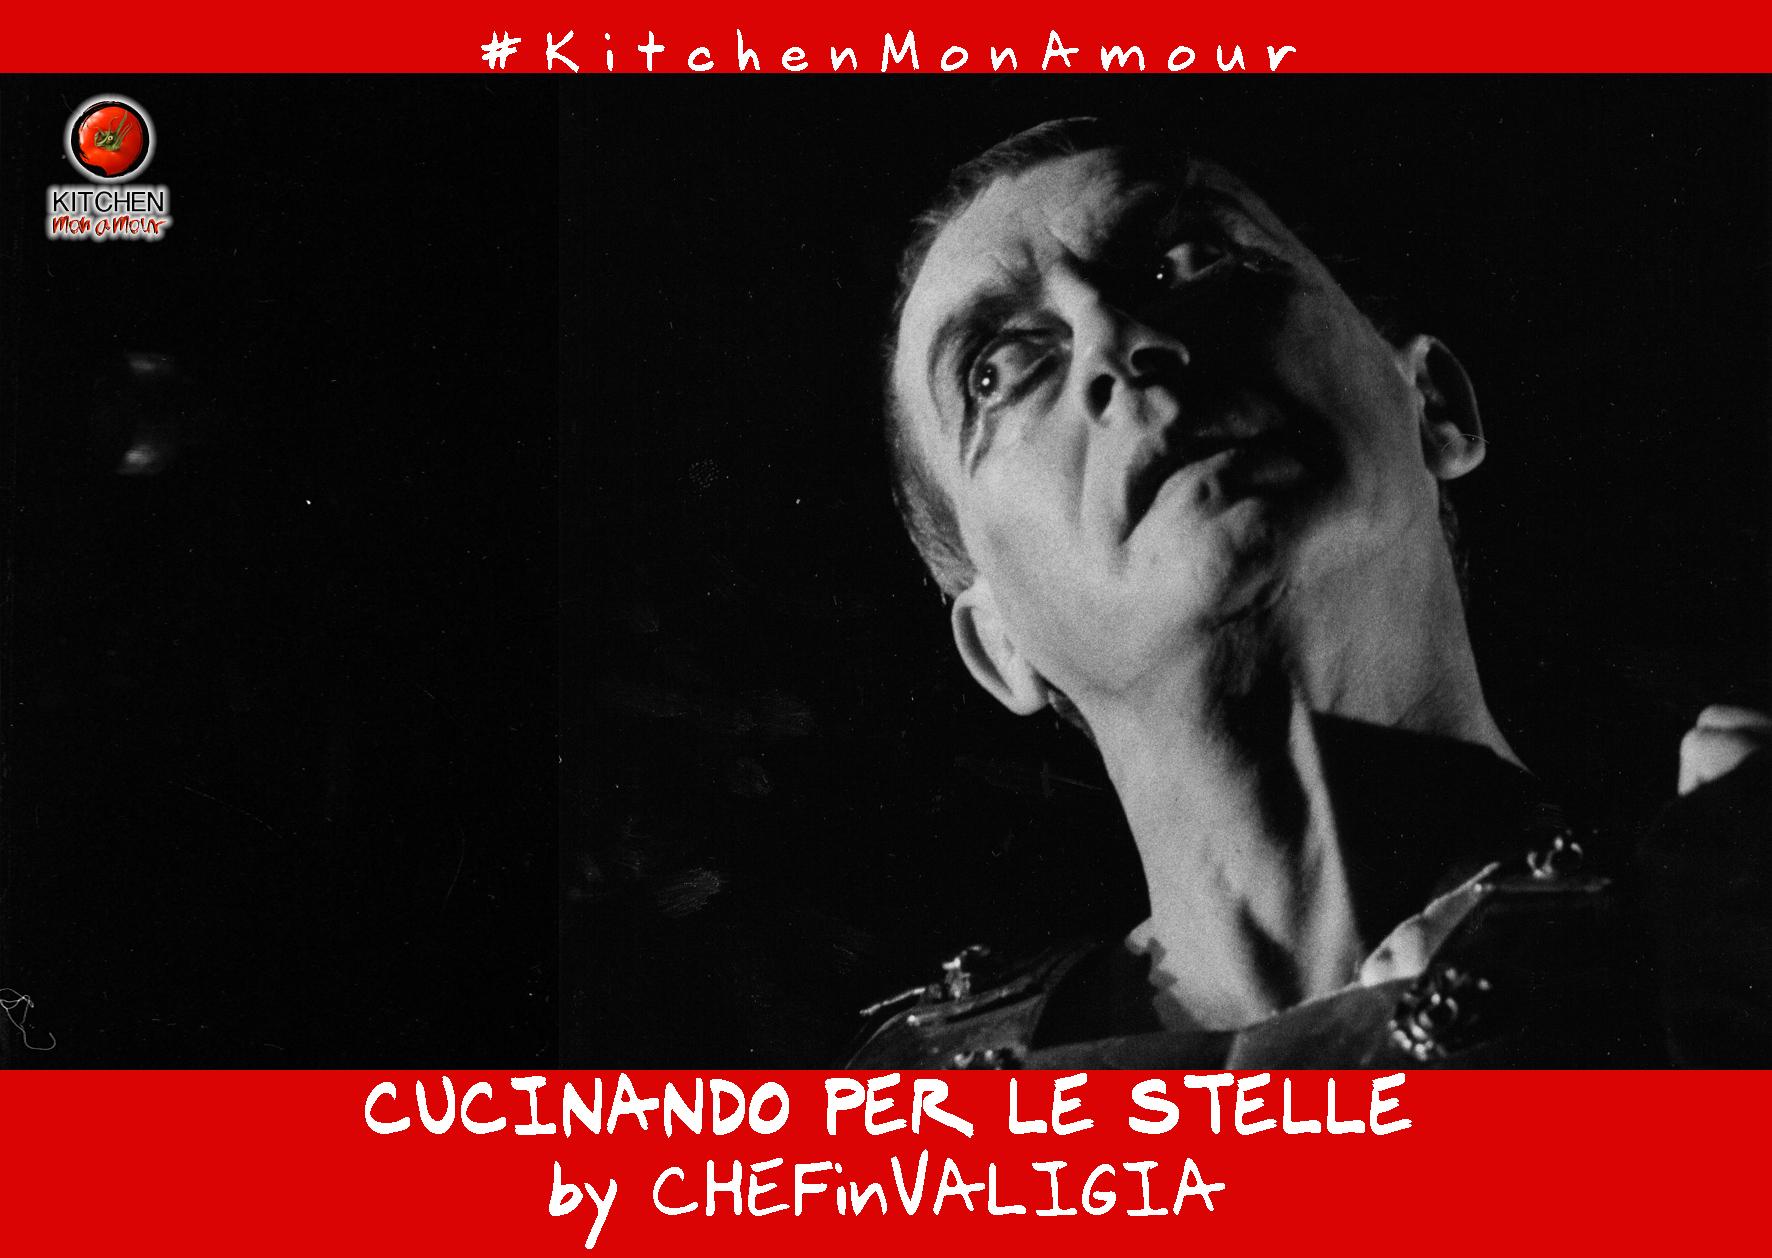 Cucinando-per-le-stelle-4_Carmelo-Bene_Kitchen-Mon-Amour